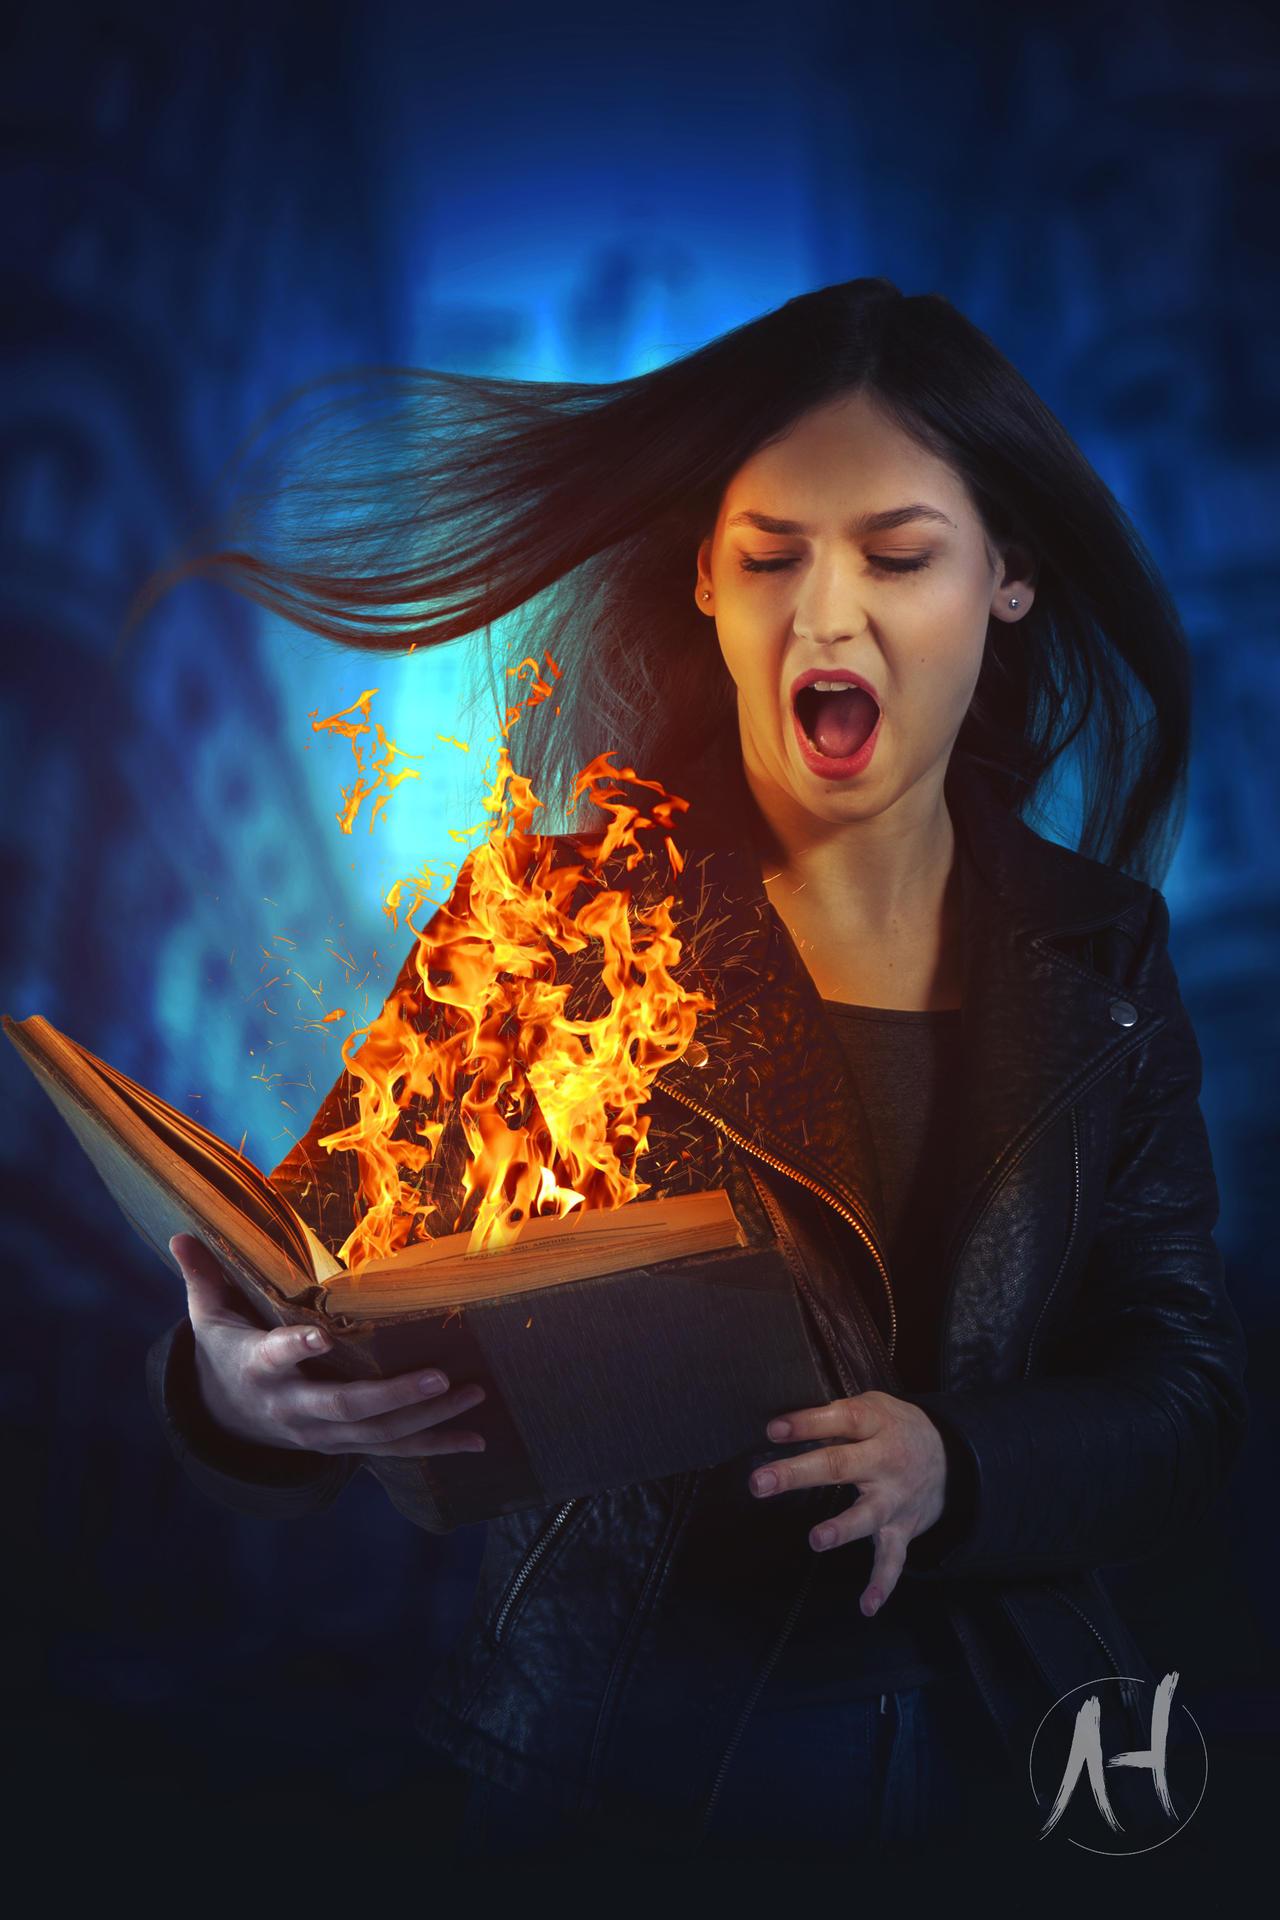 Magical Burning Book